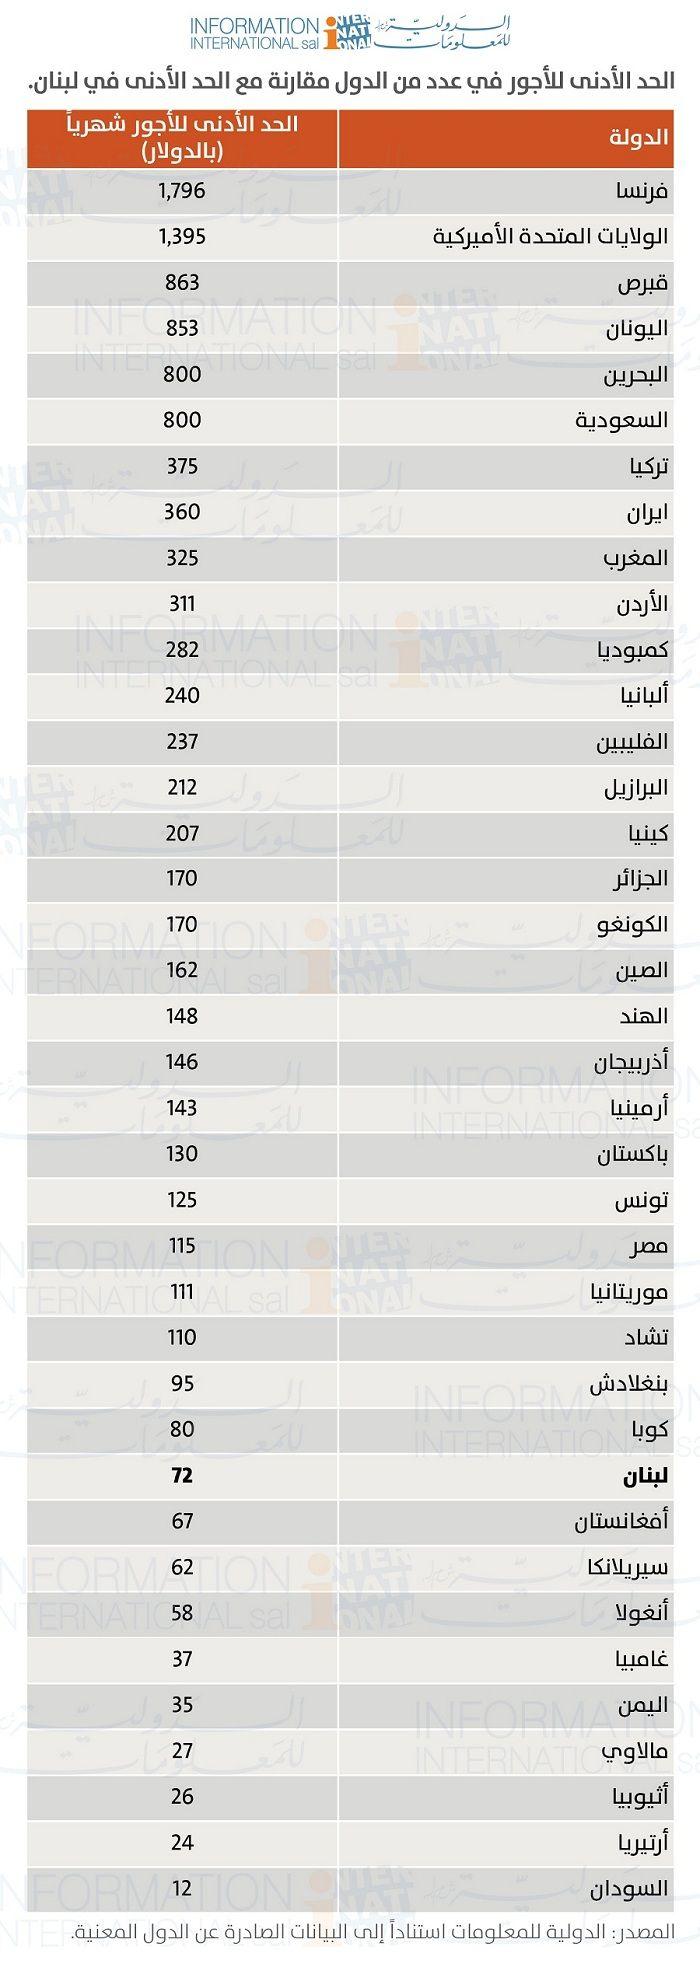 لبنان.. الحد الأدنى للأجور يصل إلى مرتبة متدنية جداً